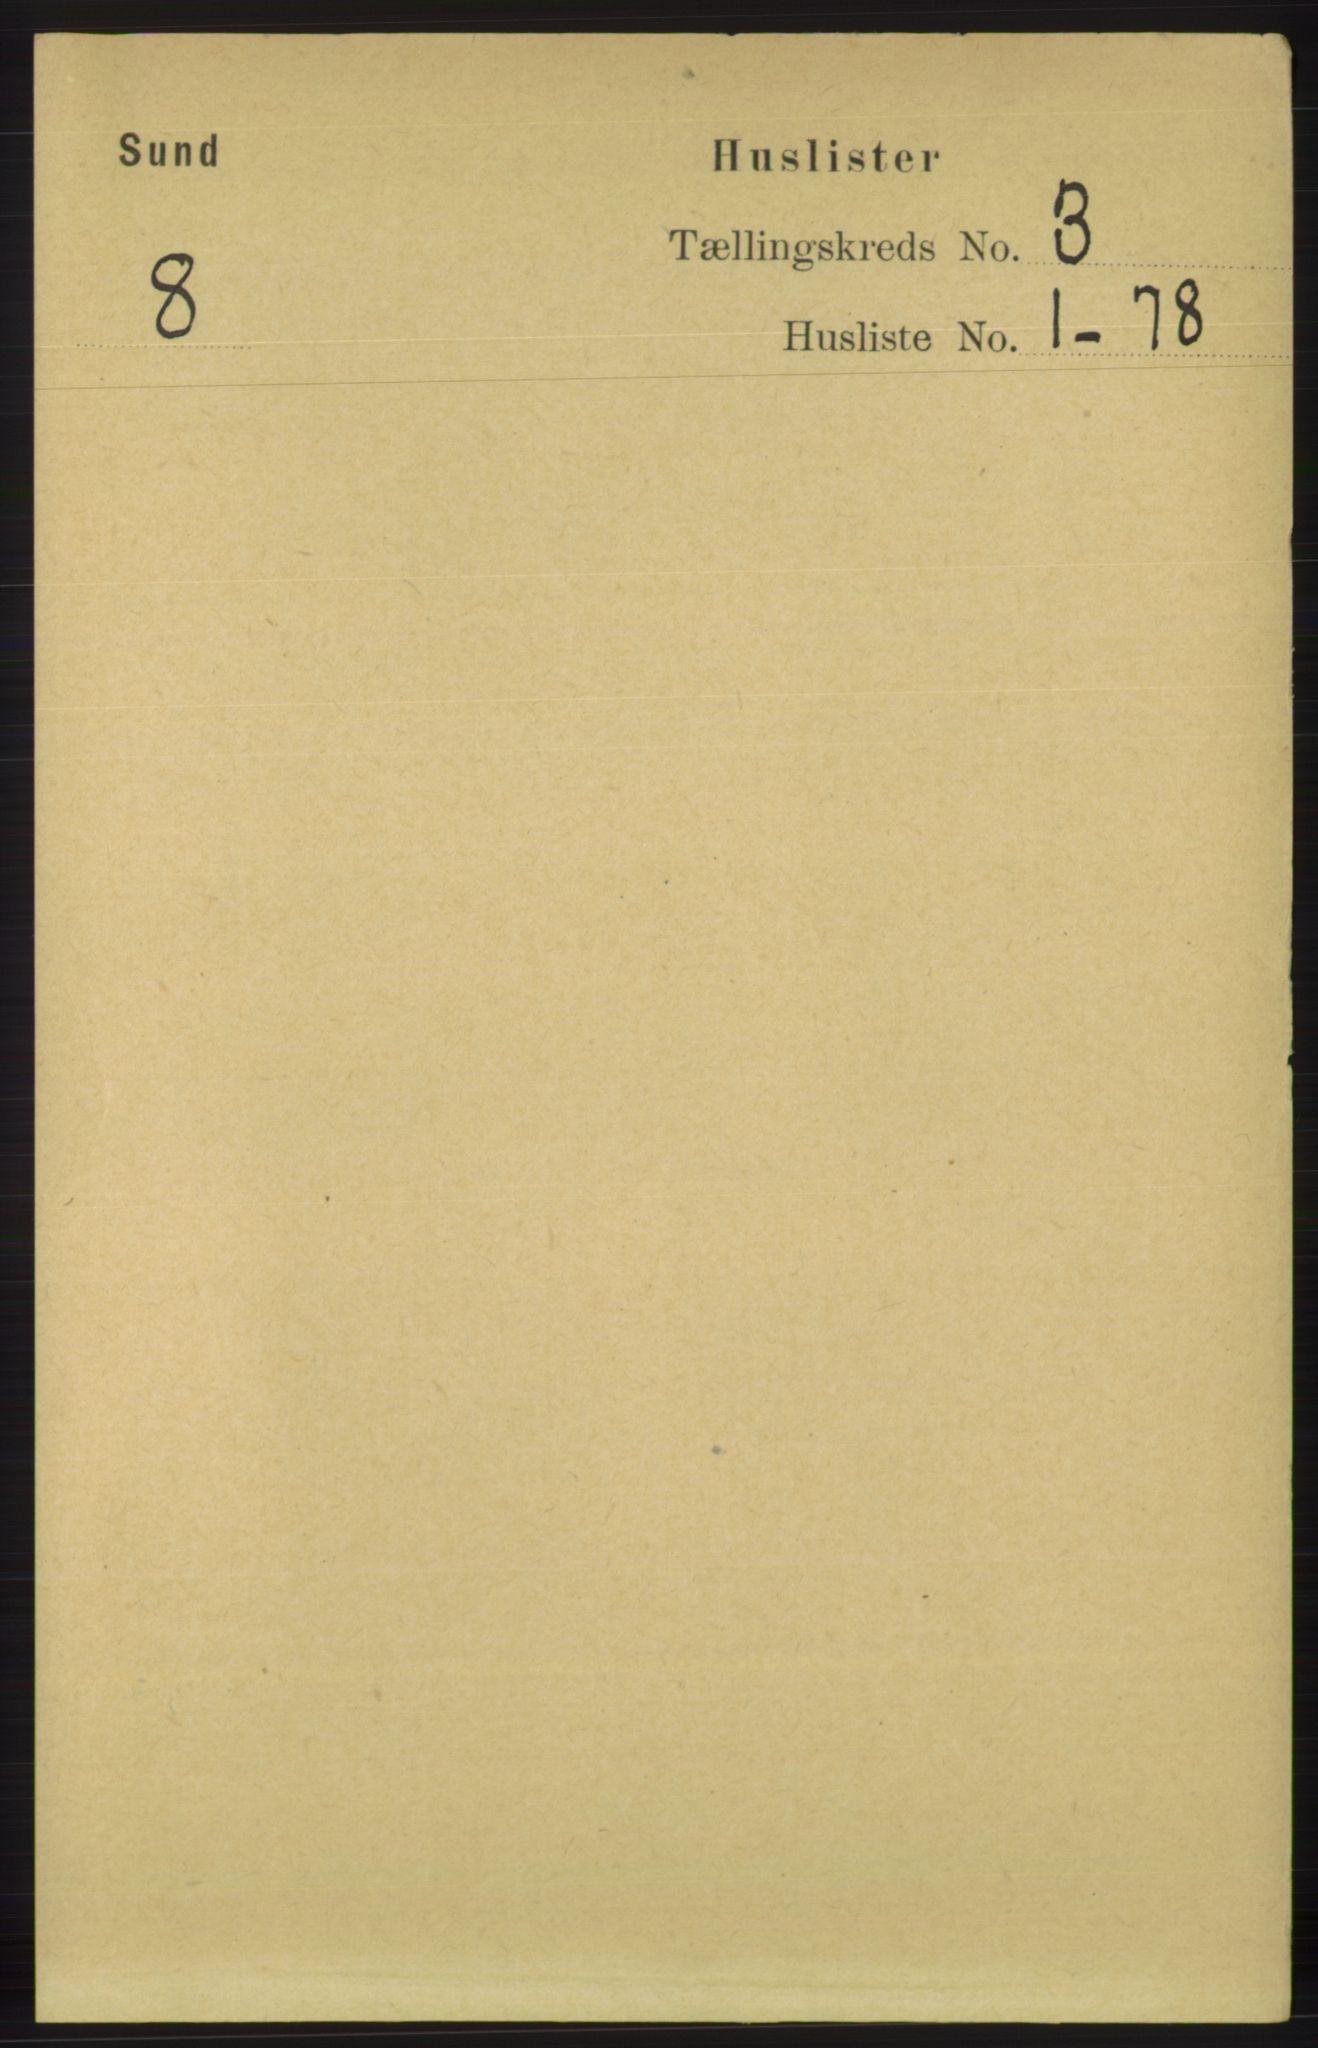 RA, Folketelling 1891 for 1245 Sund herred, 1891, s. 1129